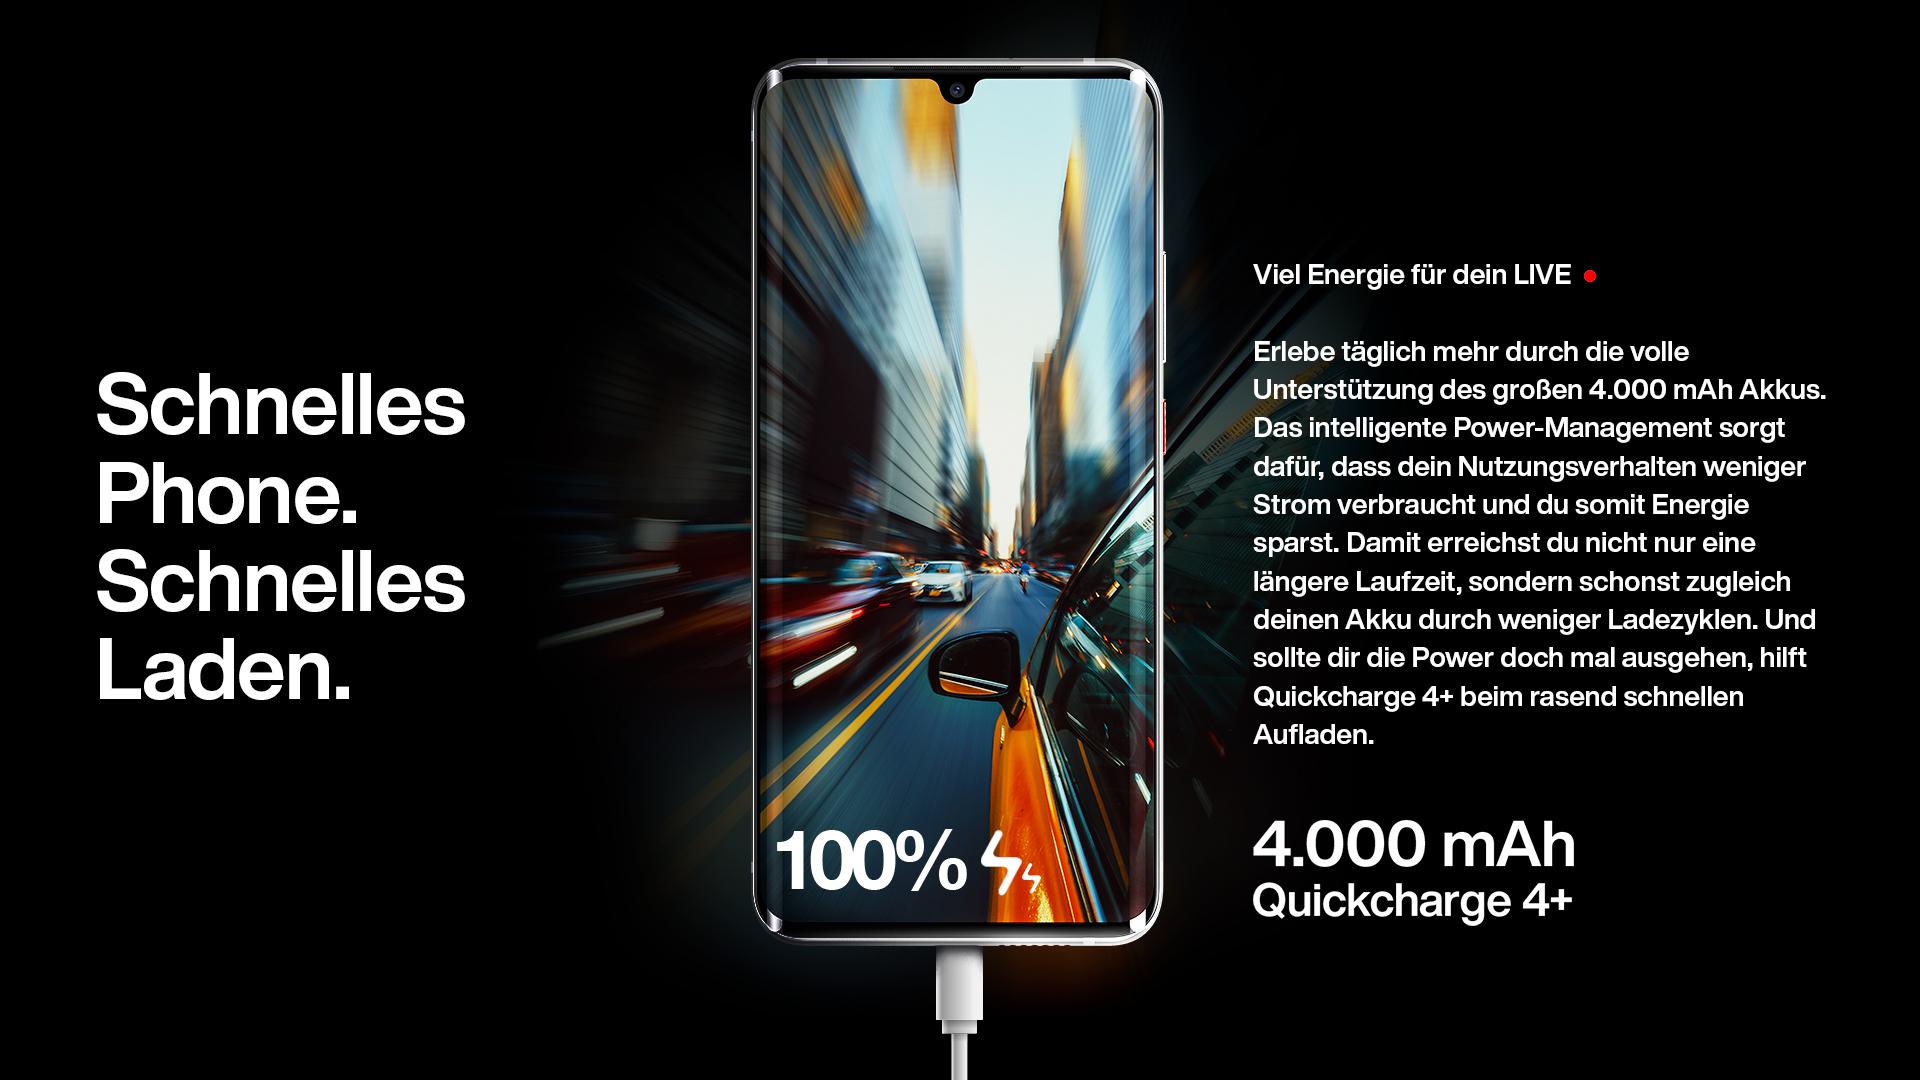 Smartphone wird schnell aufgeladen